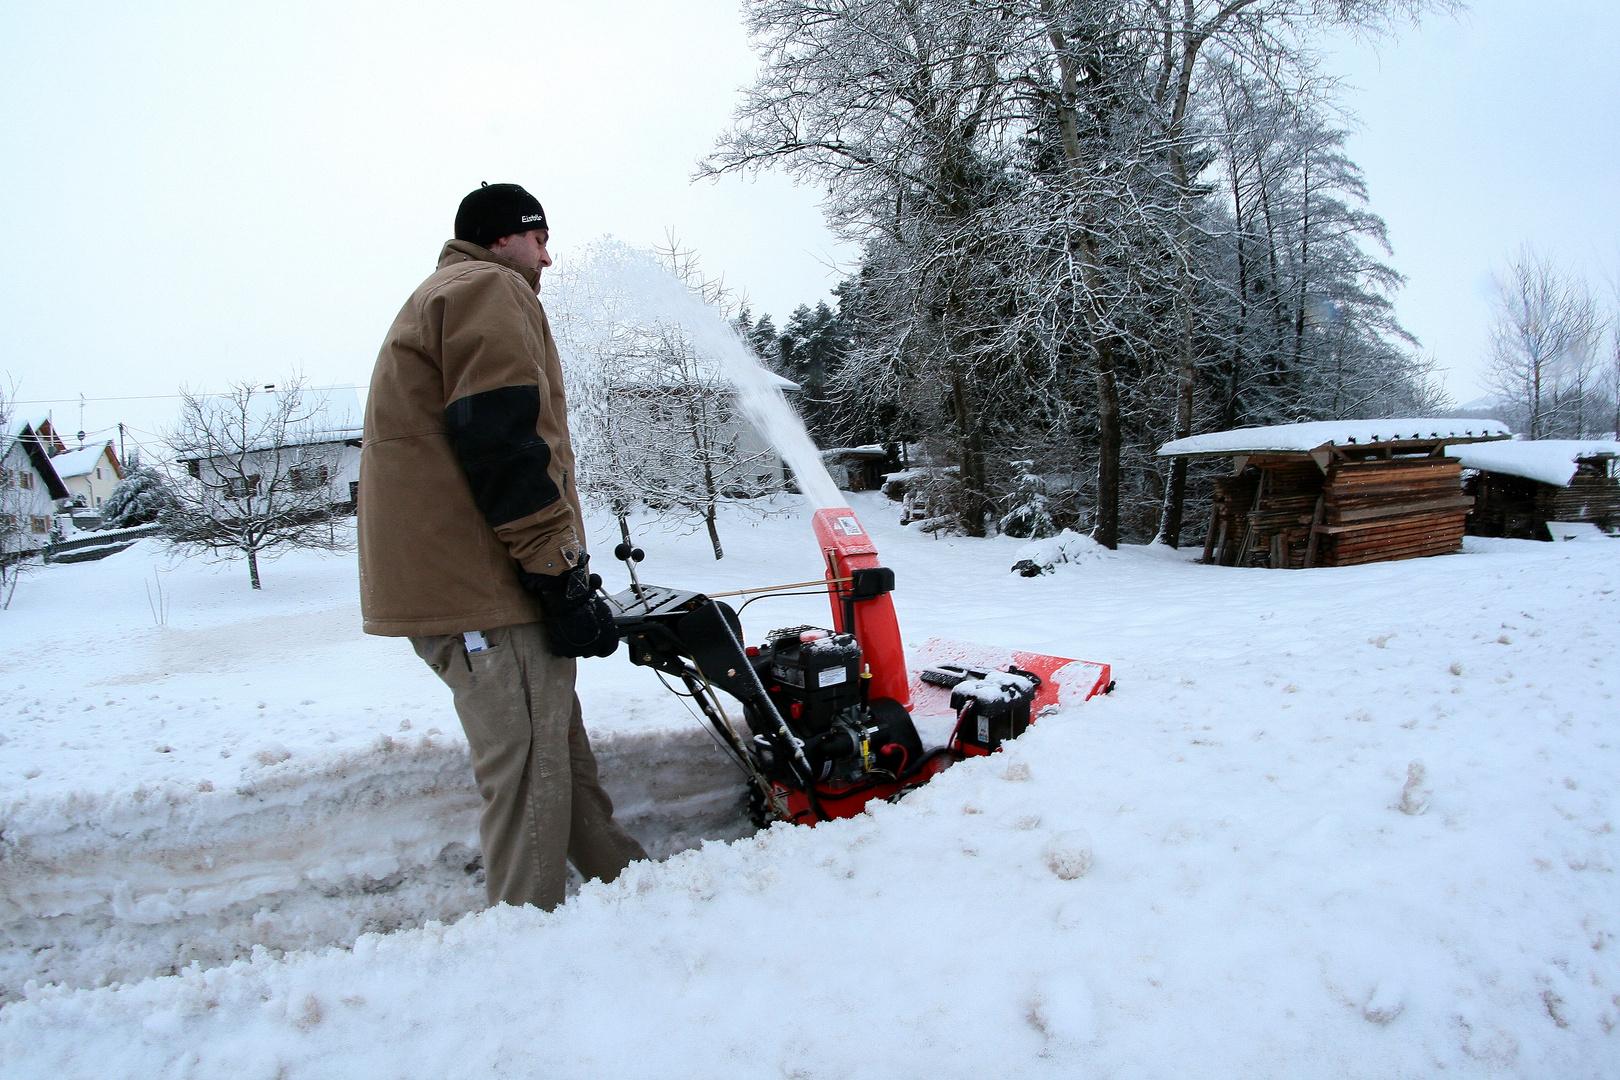 schneeschleuder 2